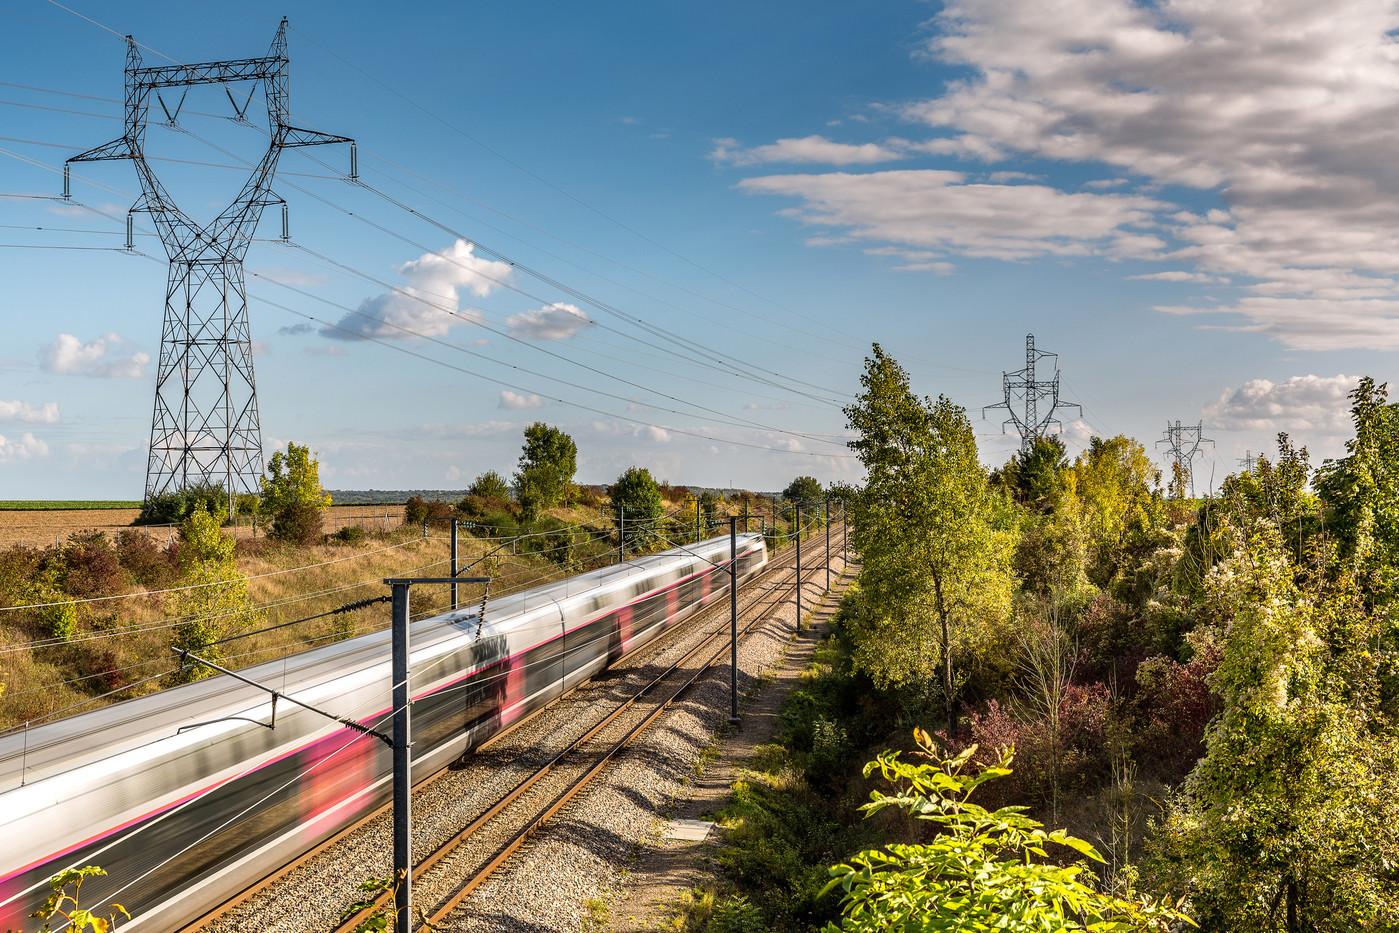 Lautorite-publique-regulation-ferroviaire-charge-sassurer-toute-entreprise-acces-equitable-reseau-ferre-sinquiete-entourant-SNCF